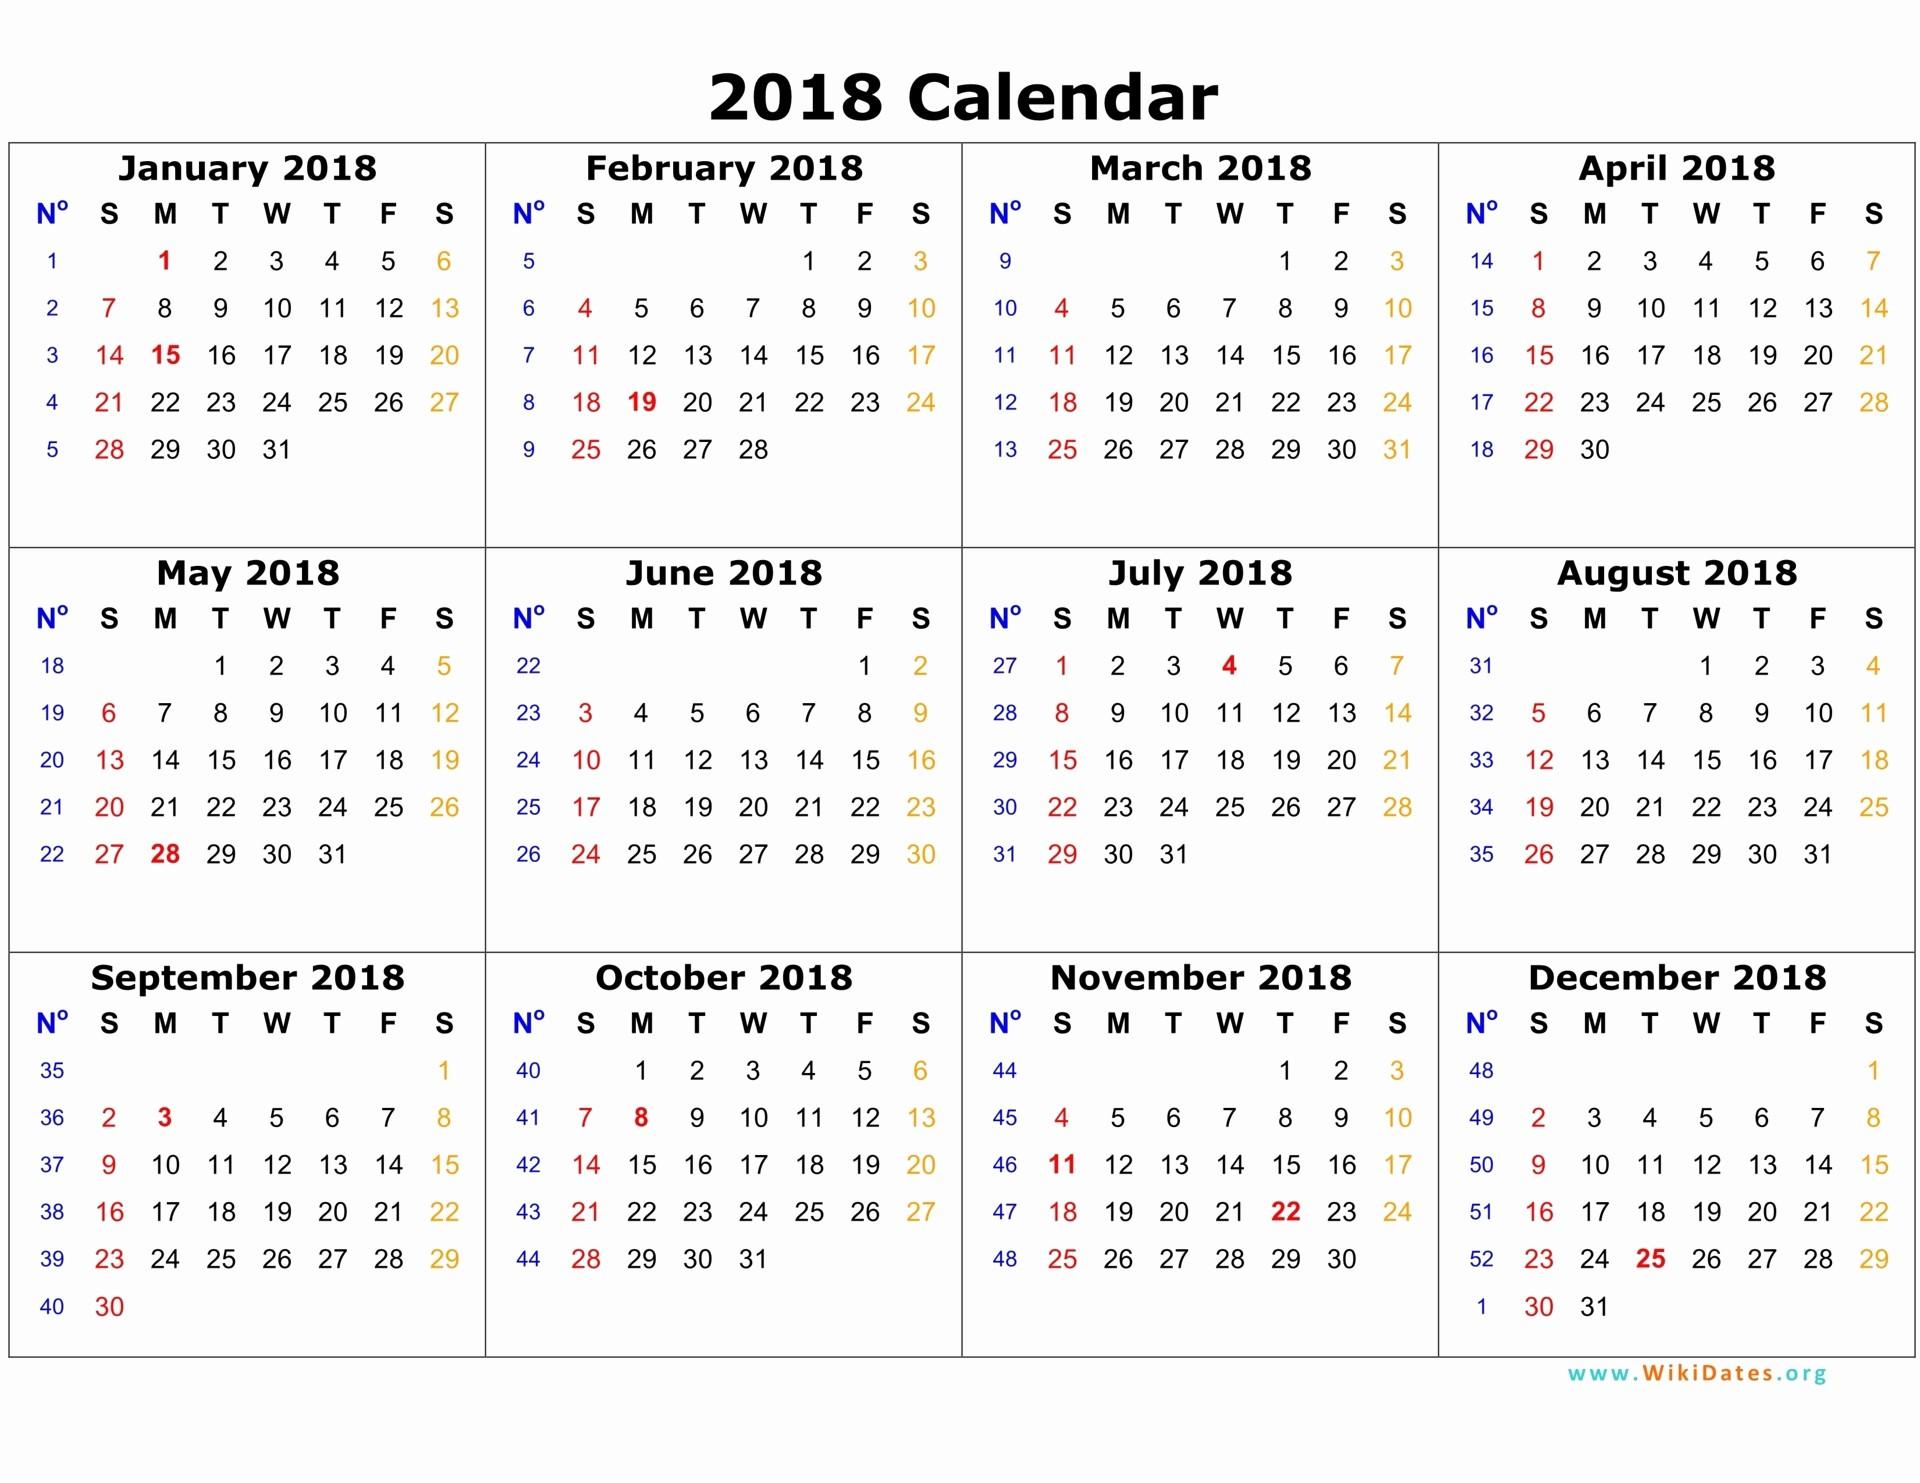 Free 2018 Monthly Calendar Template Fresh 2018 Calendar Template